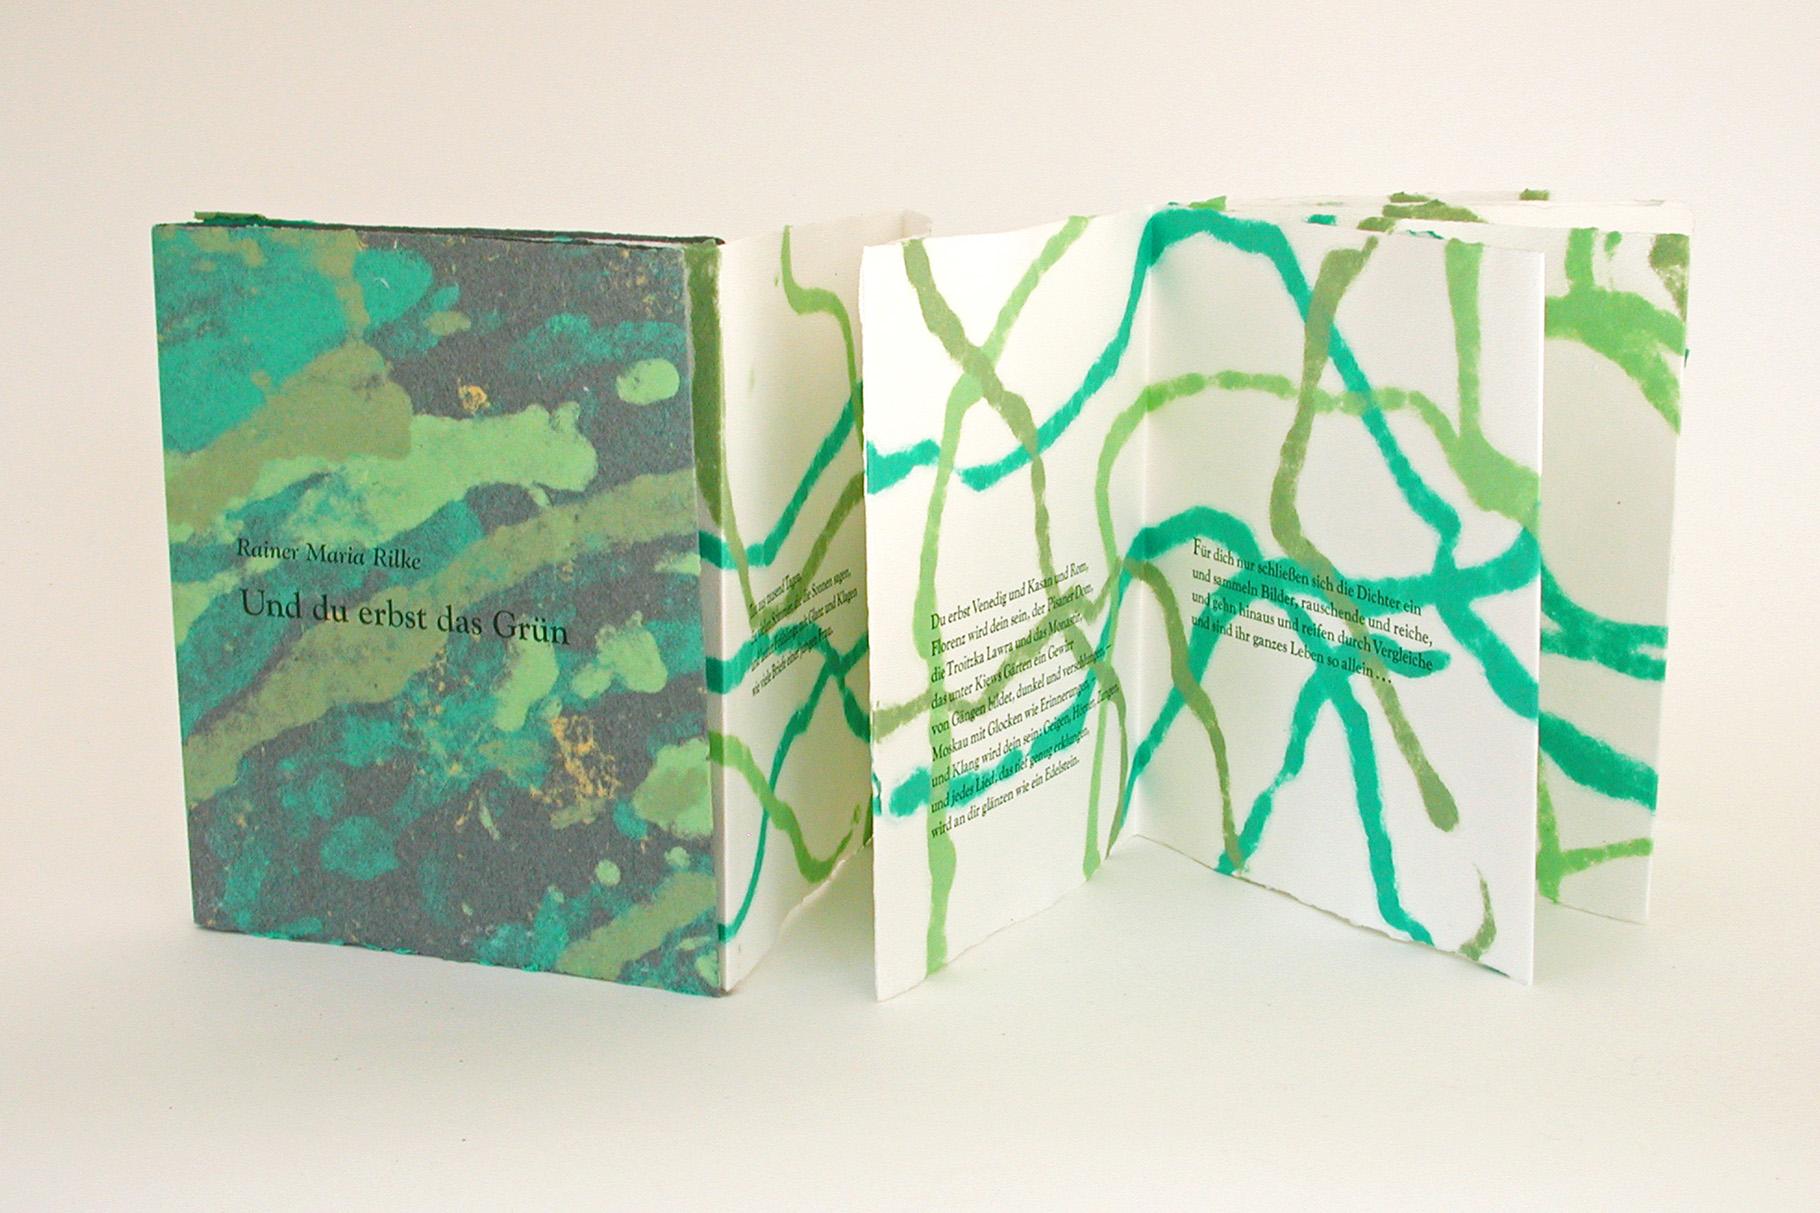 """""""Und du erbst das Grün"""" (2002) - Ein Künstlerbuch von John Gerard mit einem Gedicht von R. M. Rilke"""